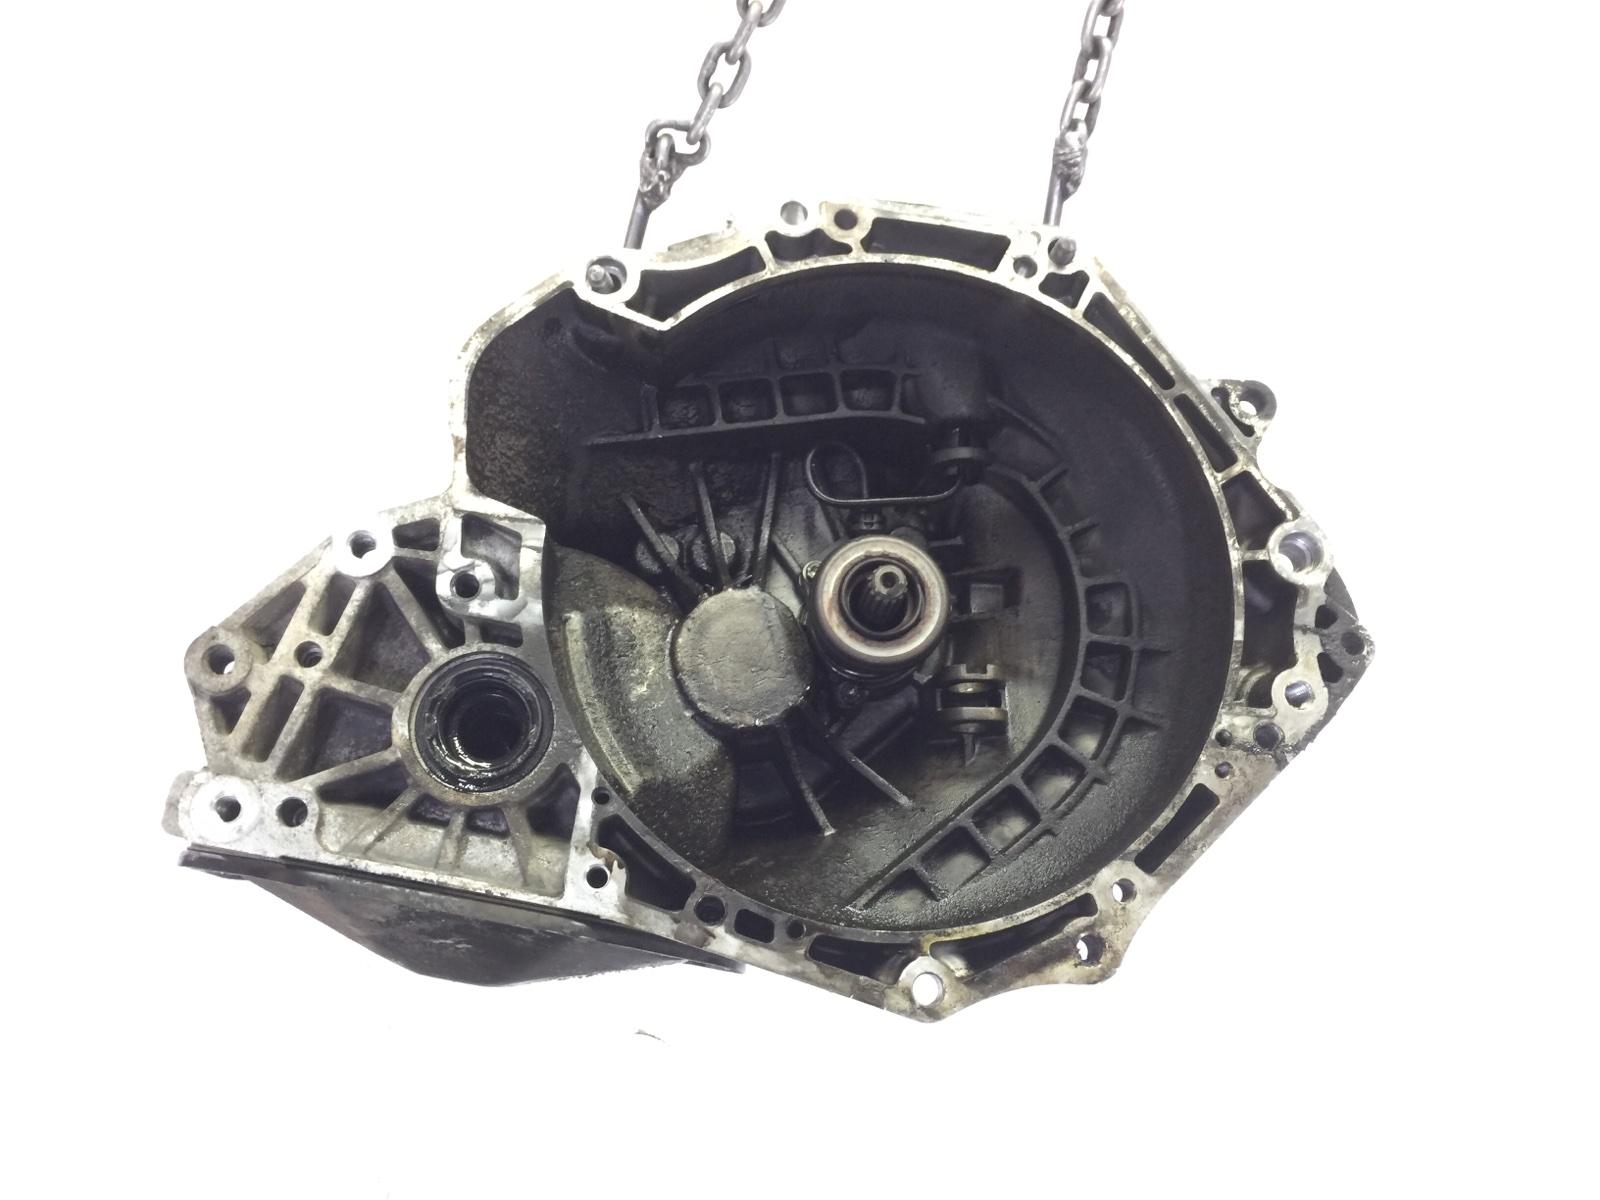 Кпп механическая (мкпп) Opel Corsa C 1.0 I 2003 (б/у)